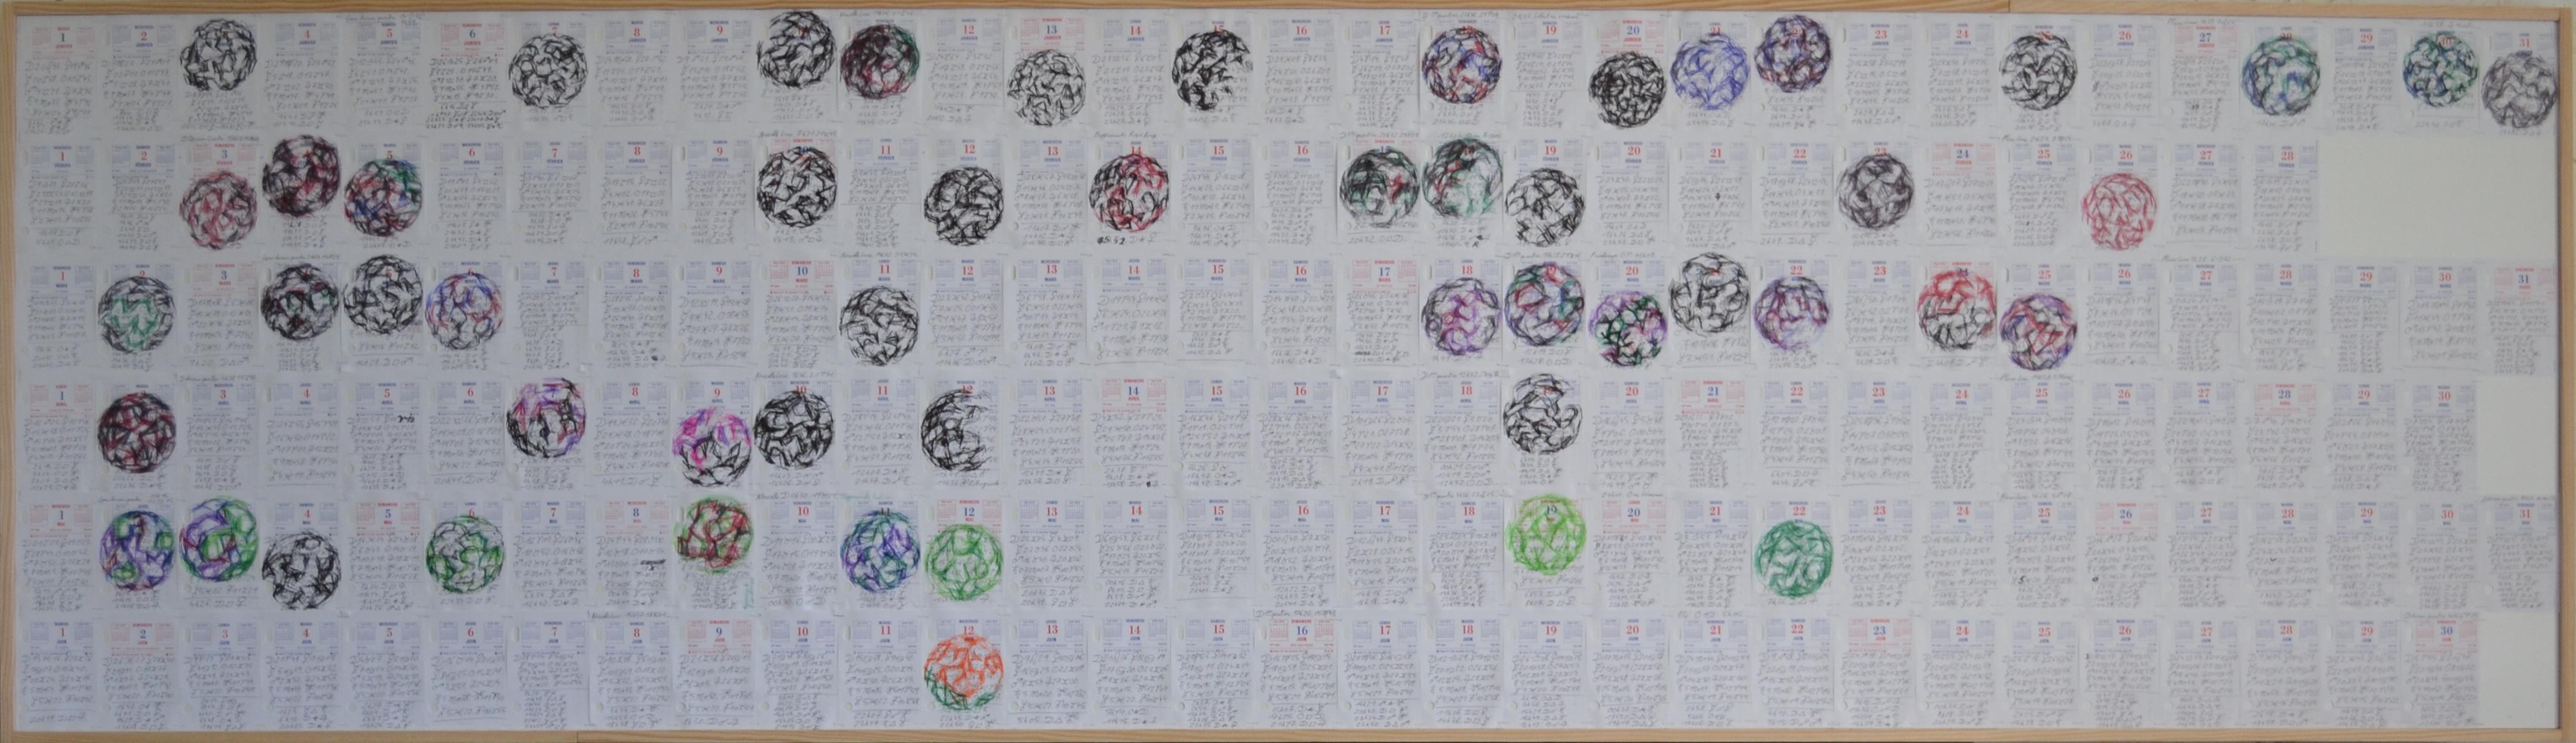 Mappemonde Ephéméride premier semestre 2013, stylo bille et stylo plume / papier / bois, 74,5 x 260 cm. Notation journalière de la position des planètes ainsi que leurs aspects, avec parfois la représentation de Mappemonde.